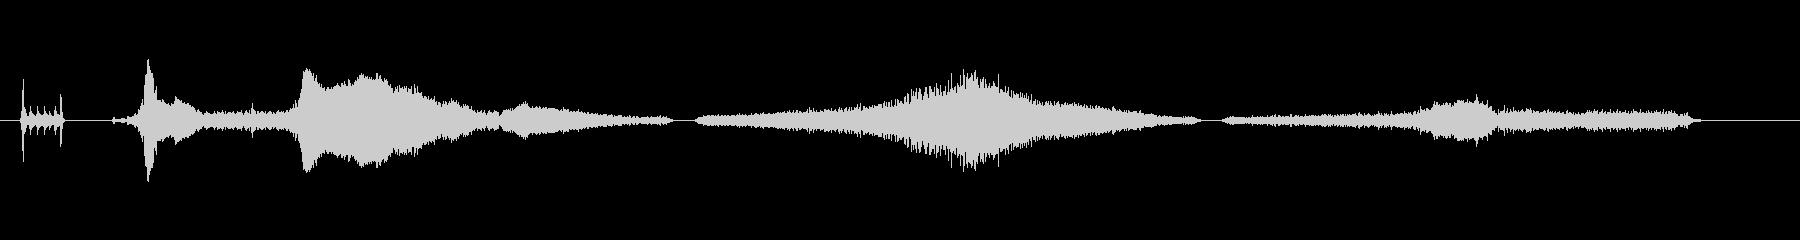 車-メルセデスディーゼル-シーケンスの未再生の波形